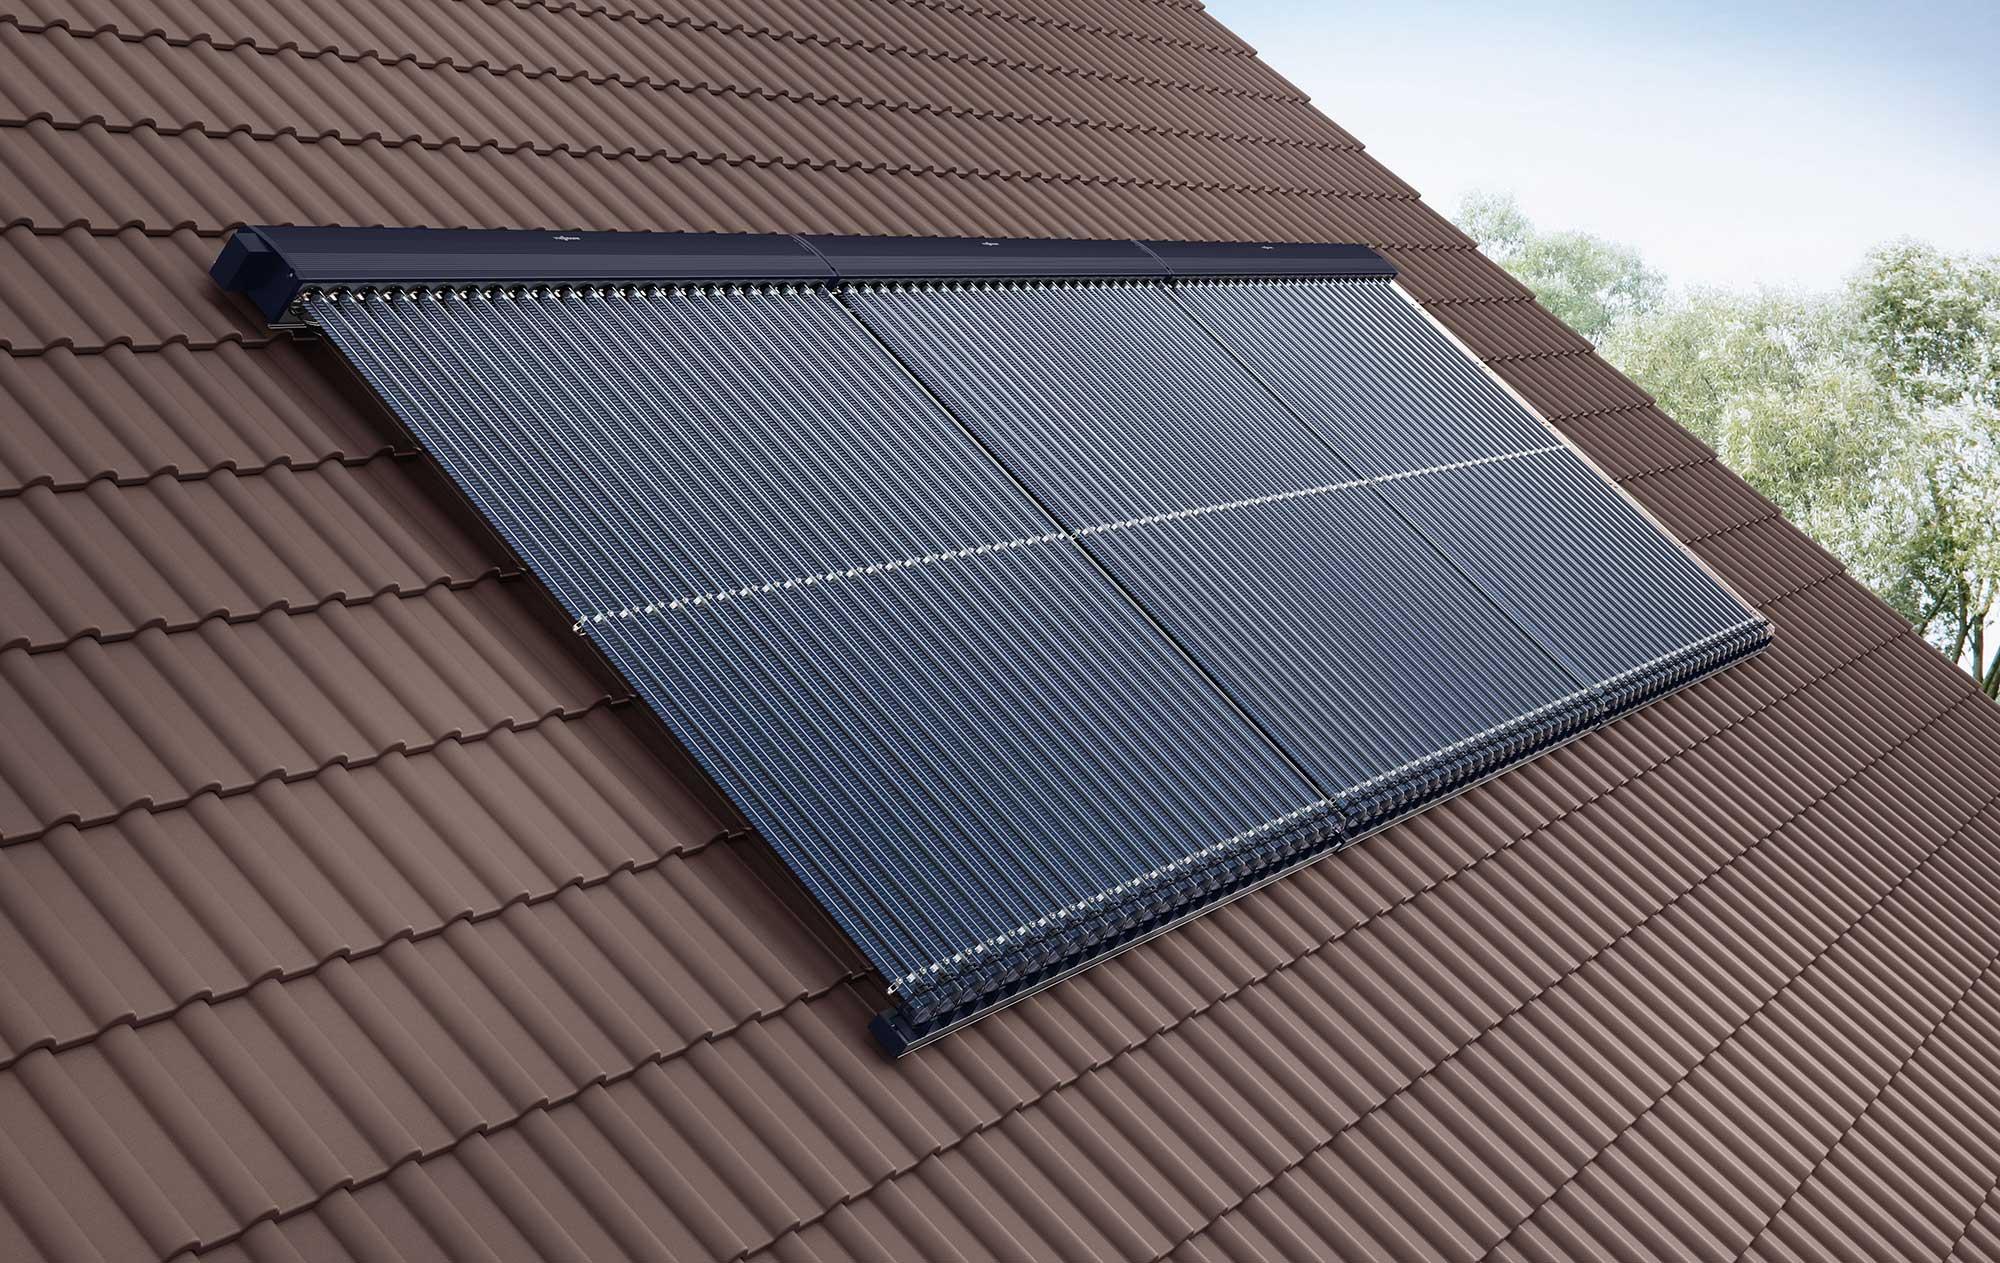 Viessmann Solar